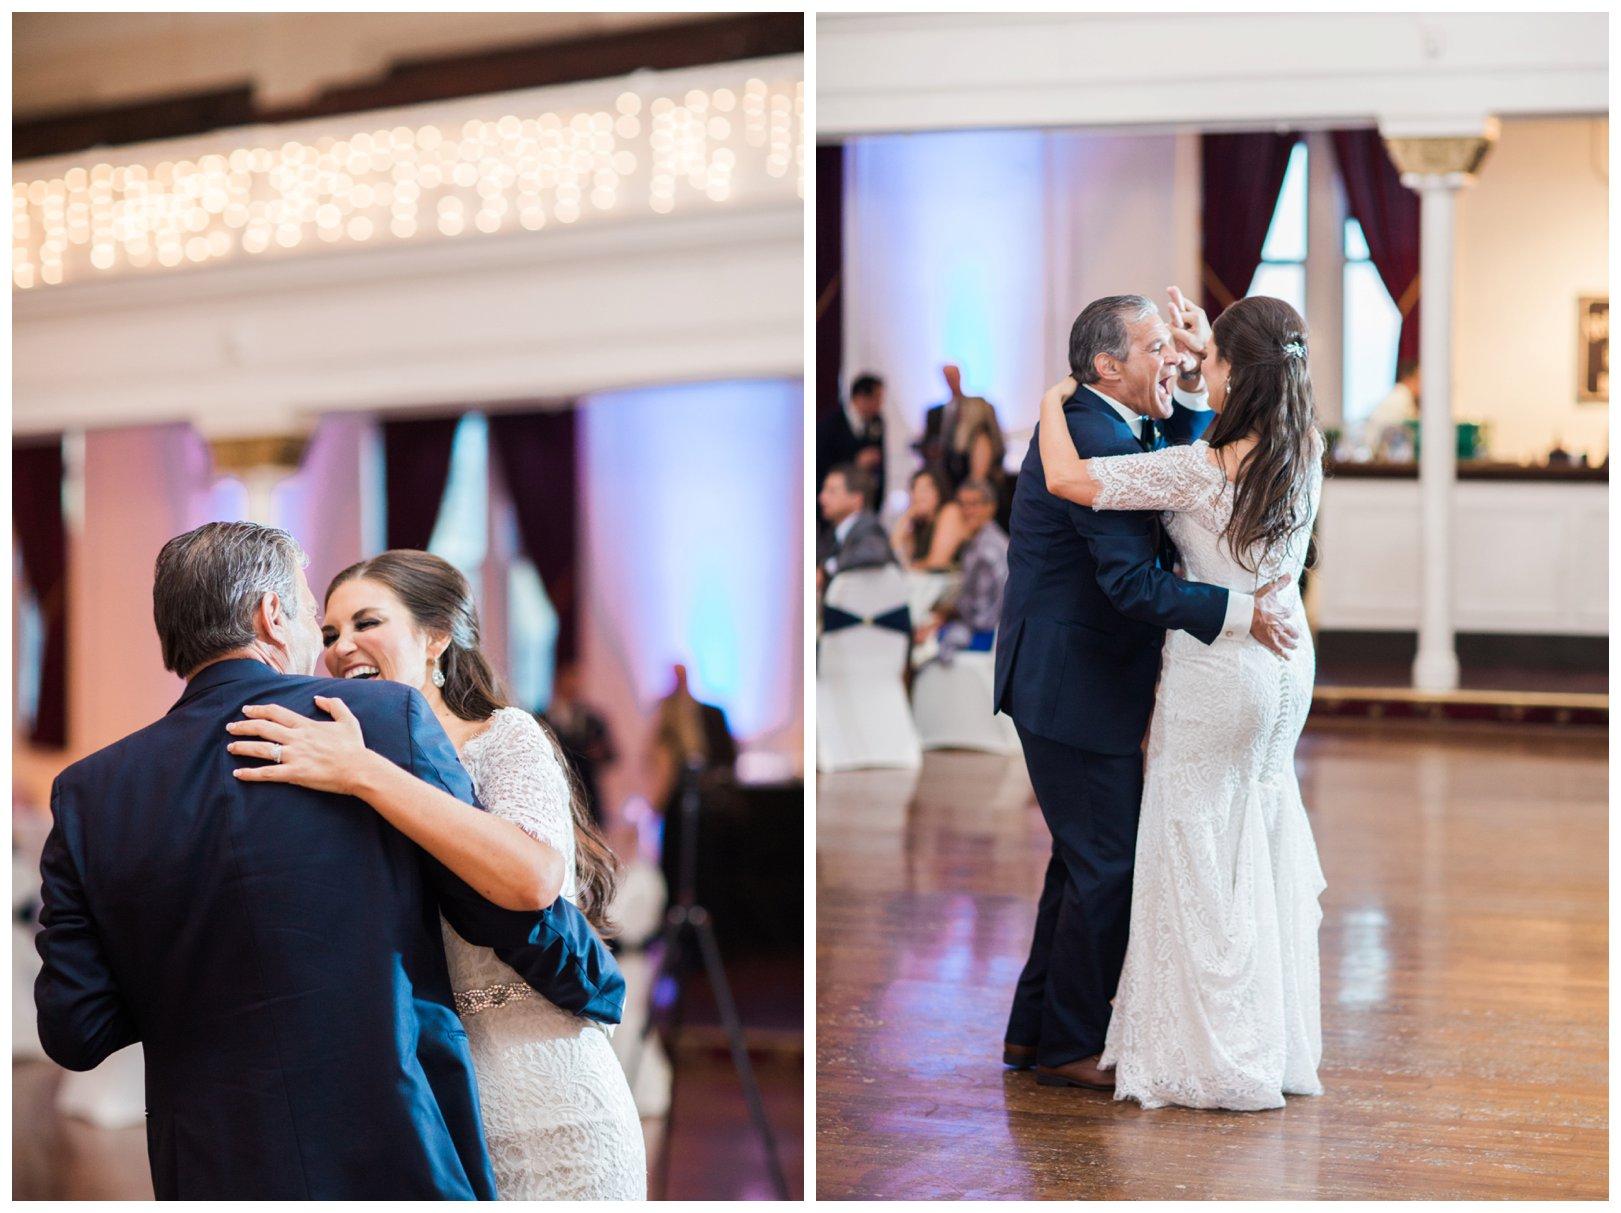 lauren muckler photography_fine art film wedding photography_st louis_photography_1281.jpg